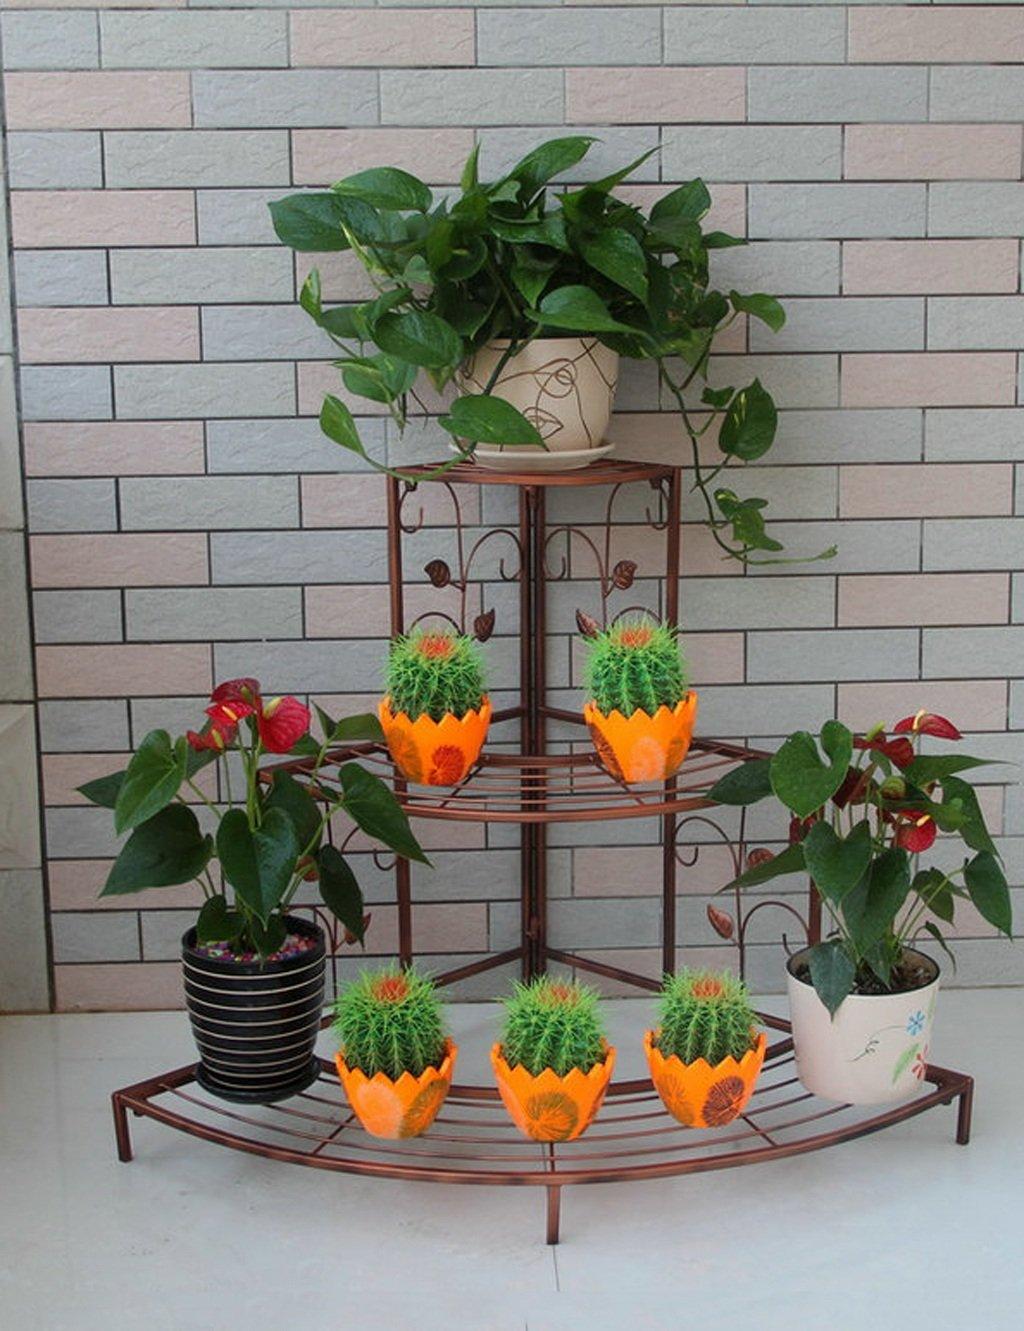 LB huajia ZHANWEI European-Style Eisen-Blumen-Zahnstange, Fußboden-Leiter Mehrgeschossiges Ecken-Blumen-Zahnstange, Im Freienbalkone-Eckgarten-Pastellgestell (Farbe : A1-106 * 85cm)